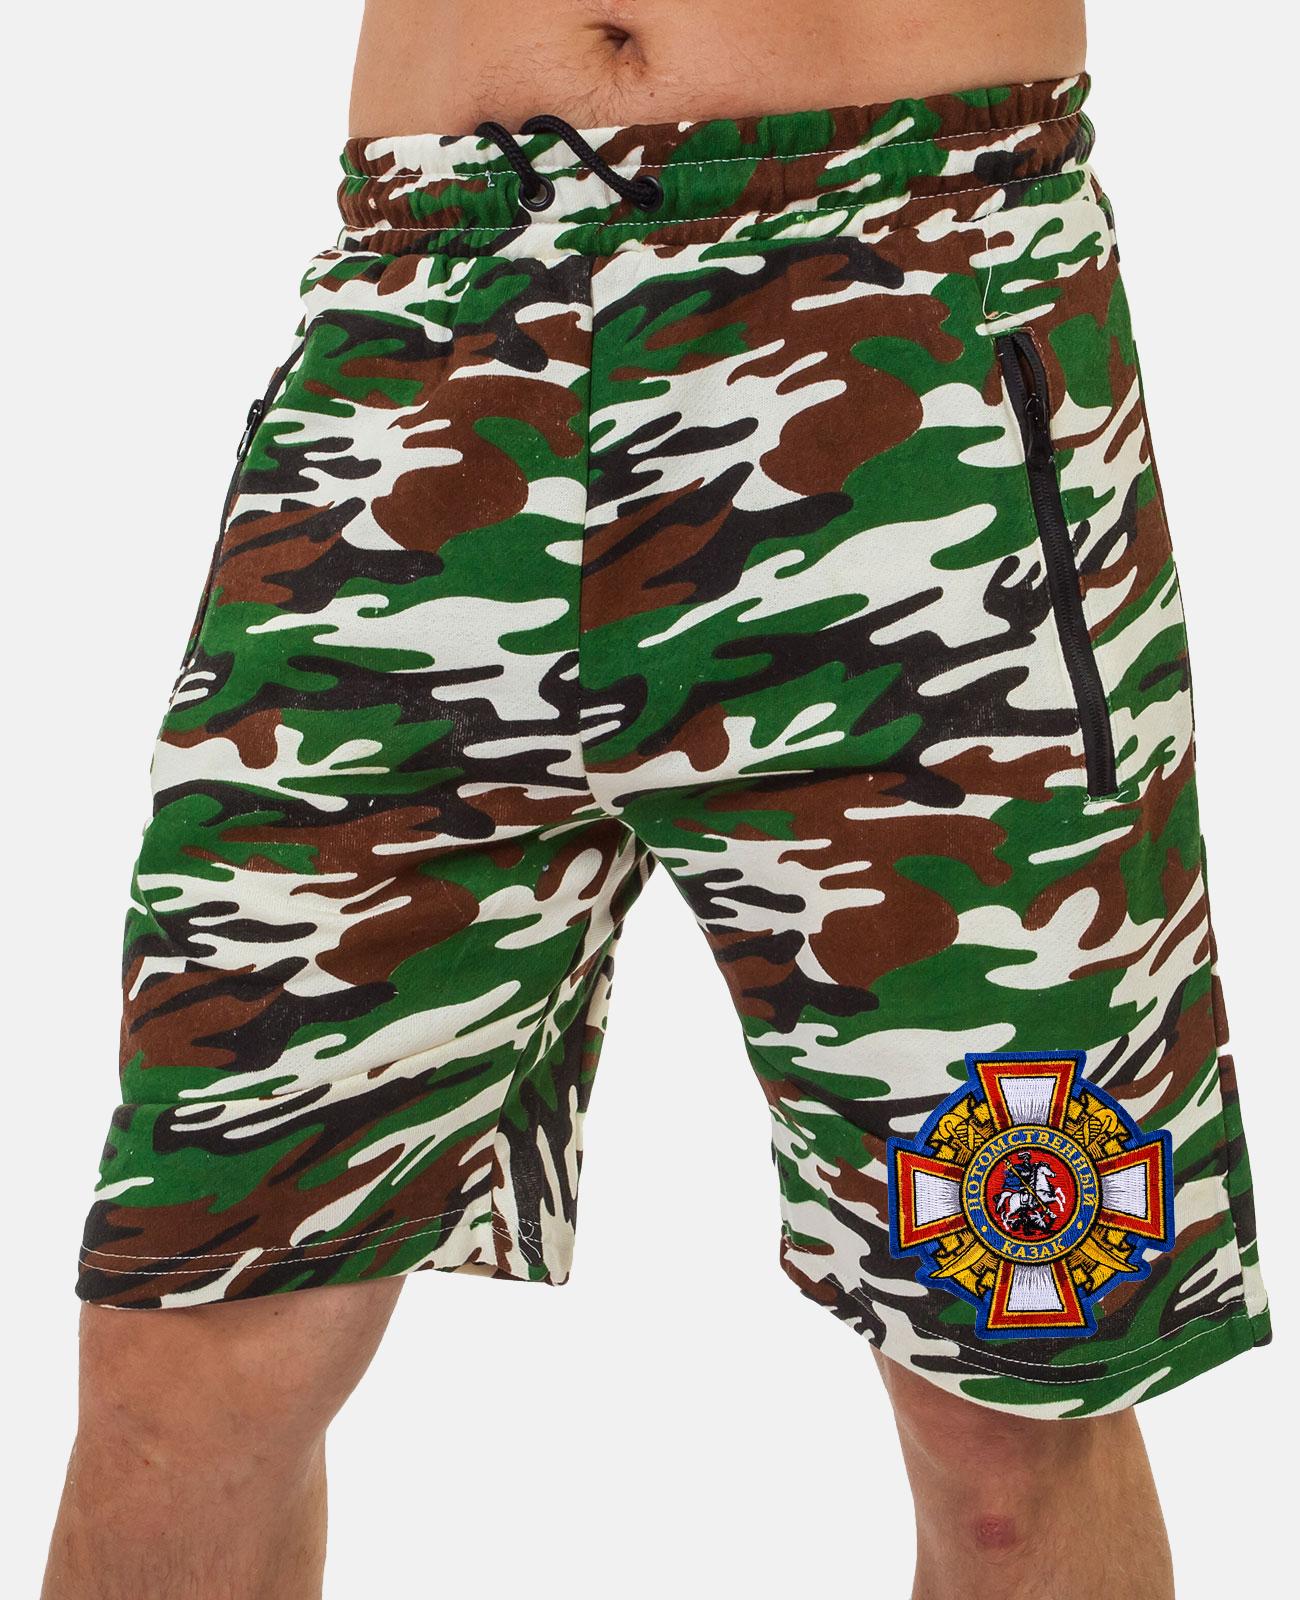 Камуфляжные мужские шорты с эмблемой Потомственный казак купить по демократичной цене